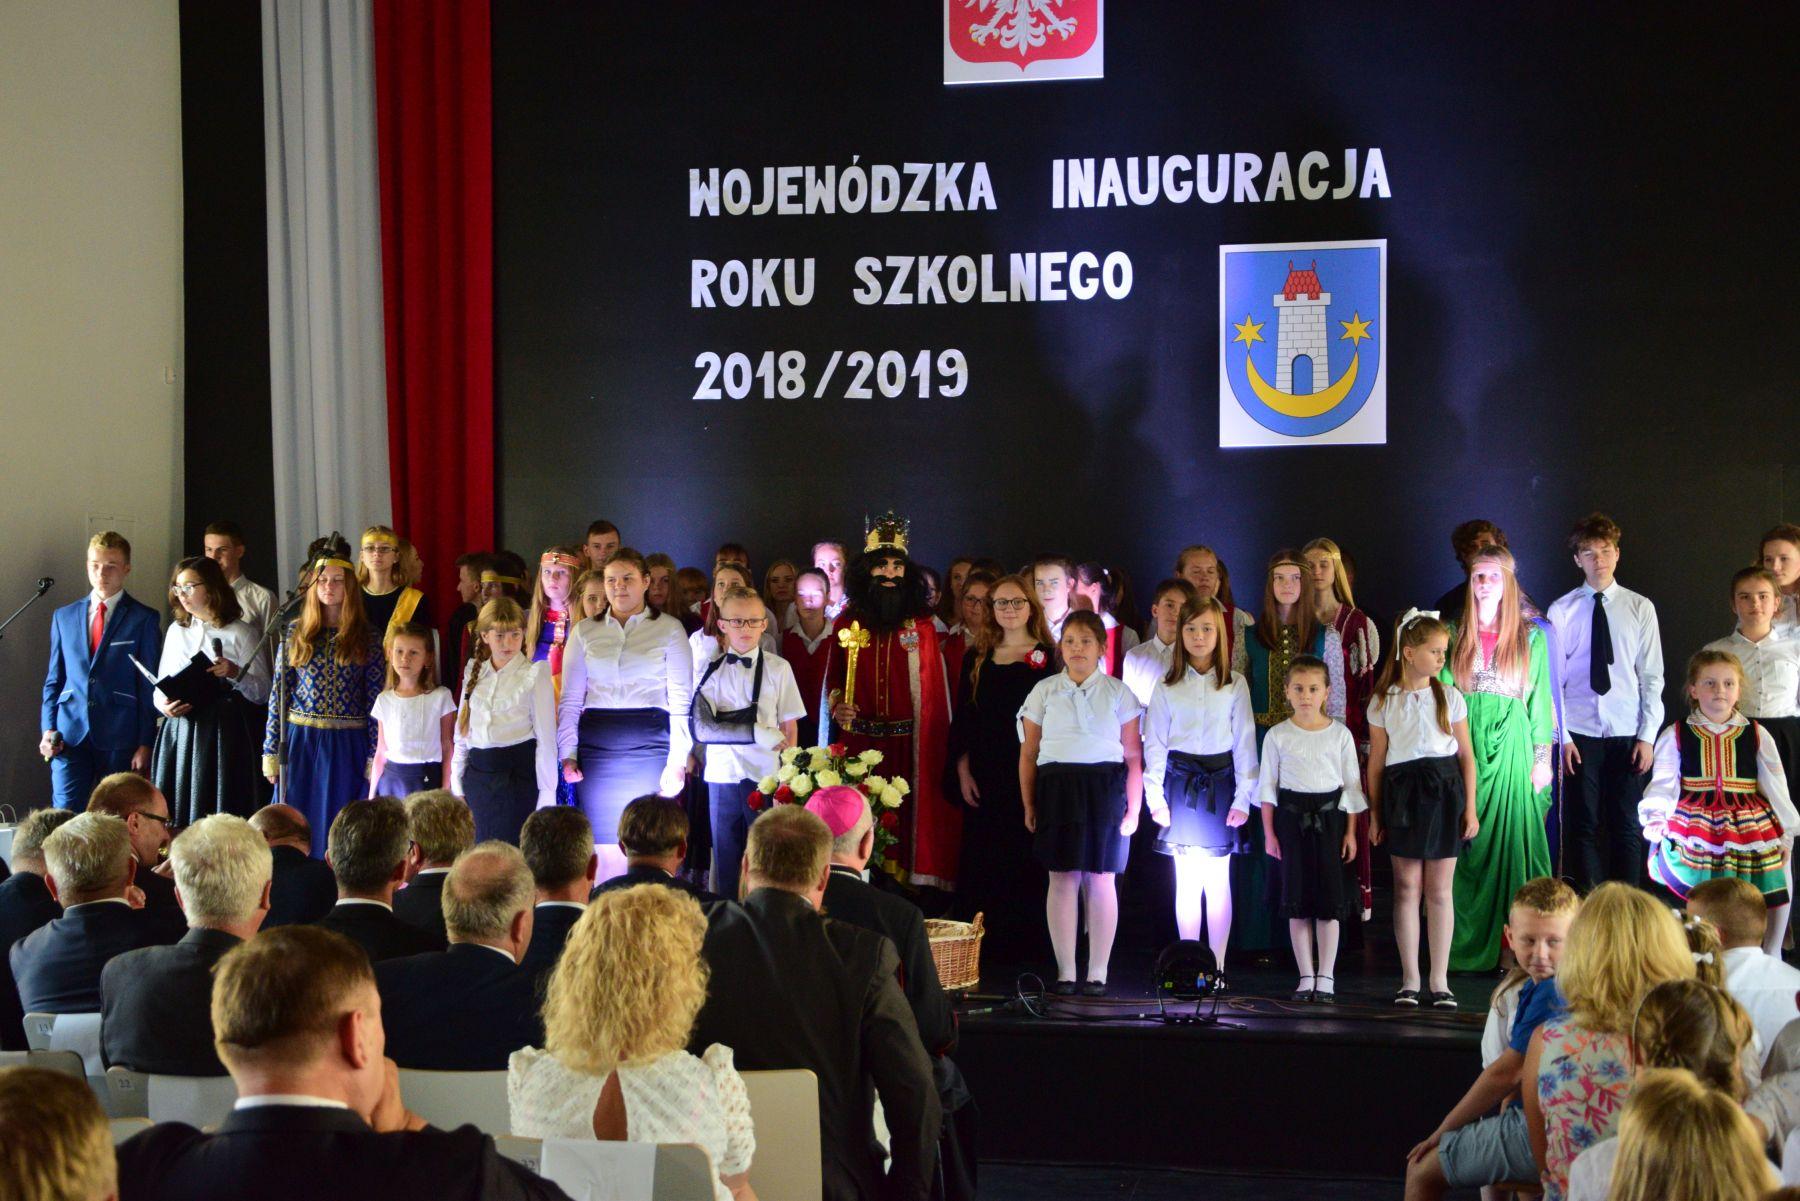 Wojewódzka Inauguracja Roku Szkolnego wnowej szkole